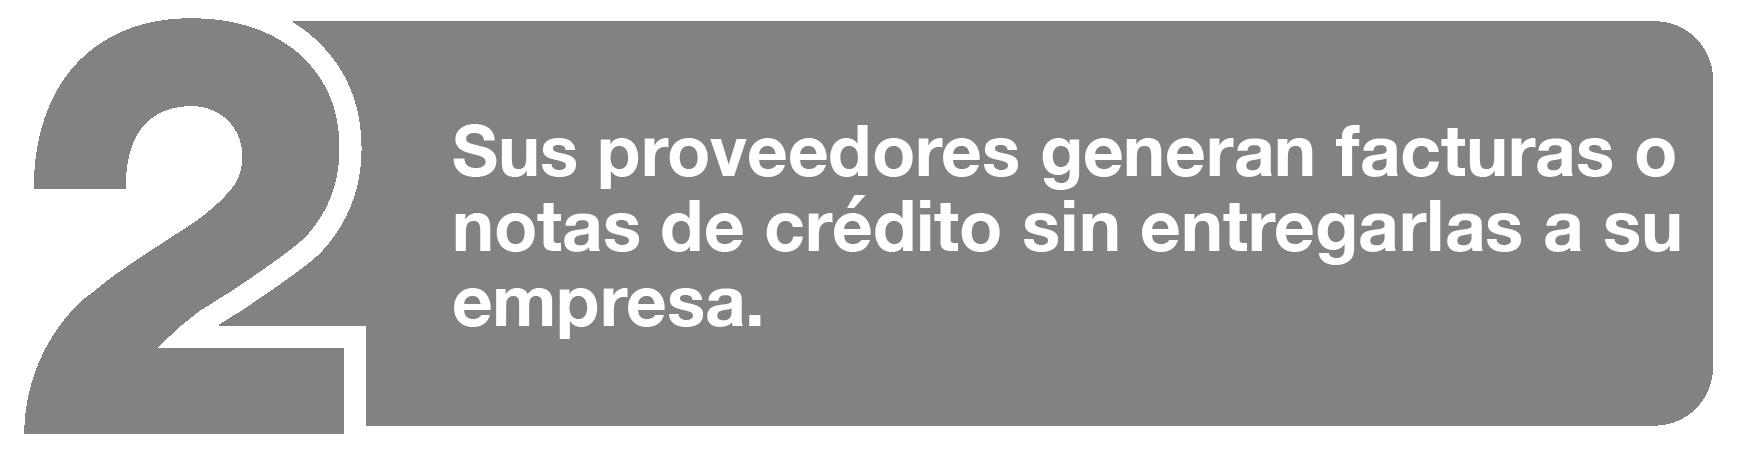 Sus proveedores generan facturas o notas de crédito sin entregarlas a su empresa